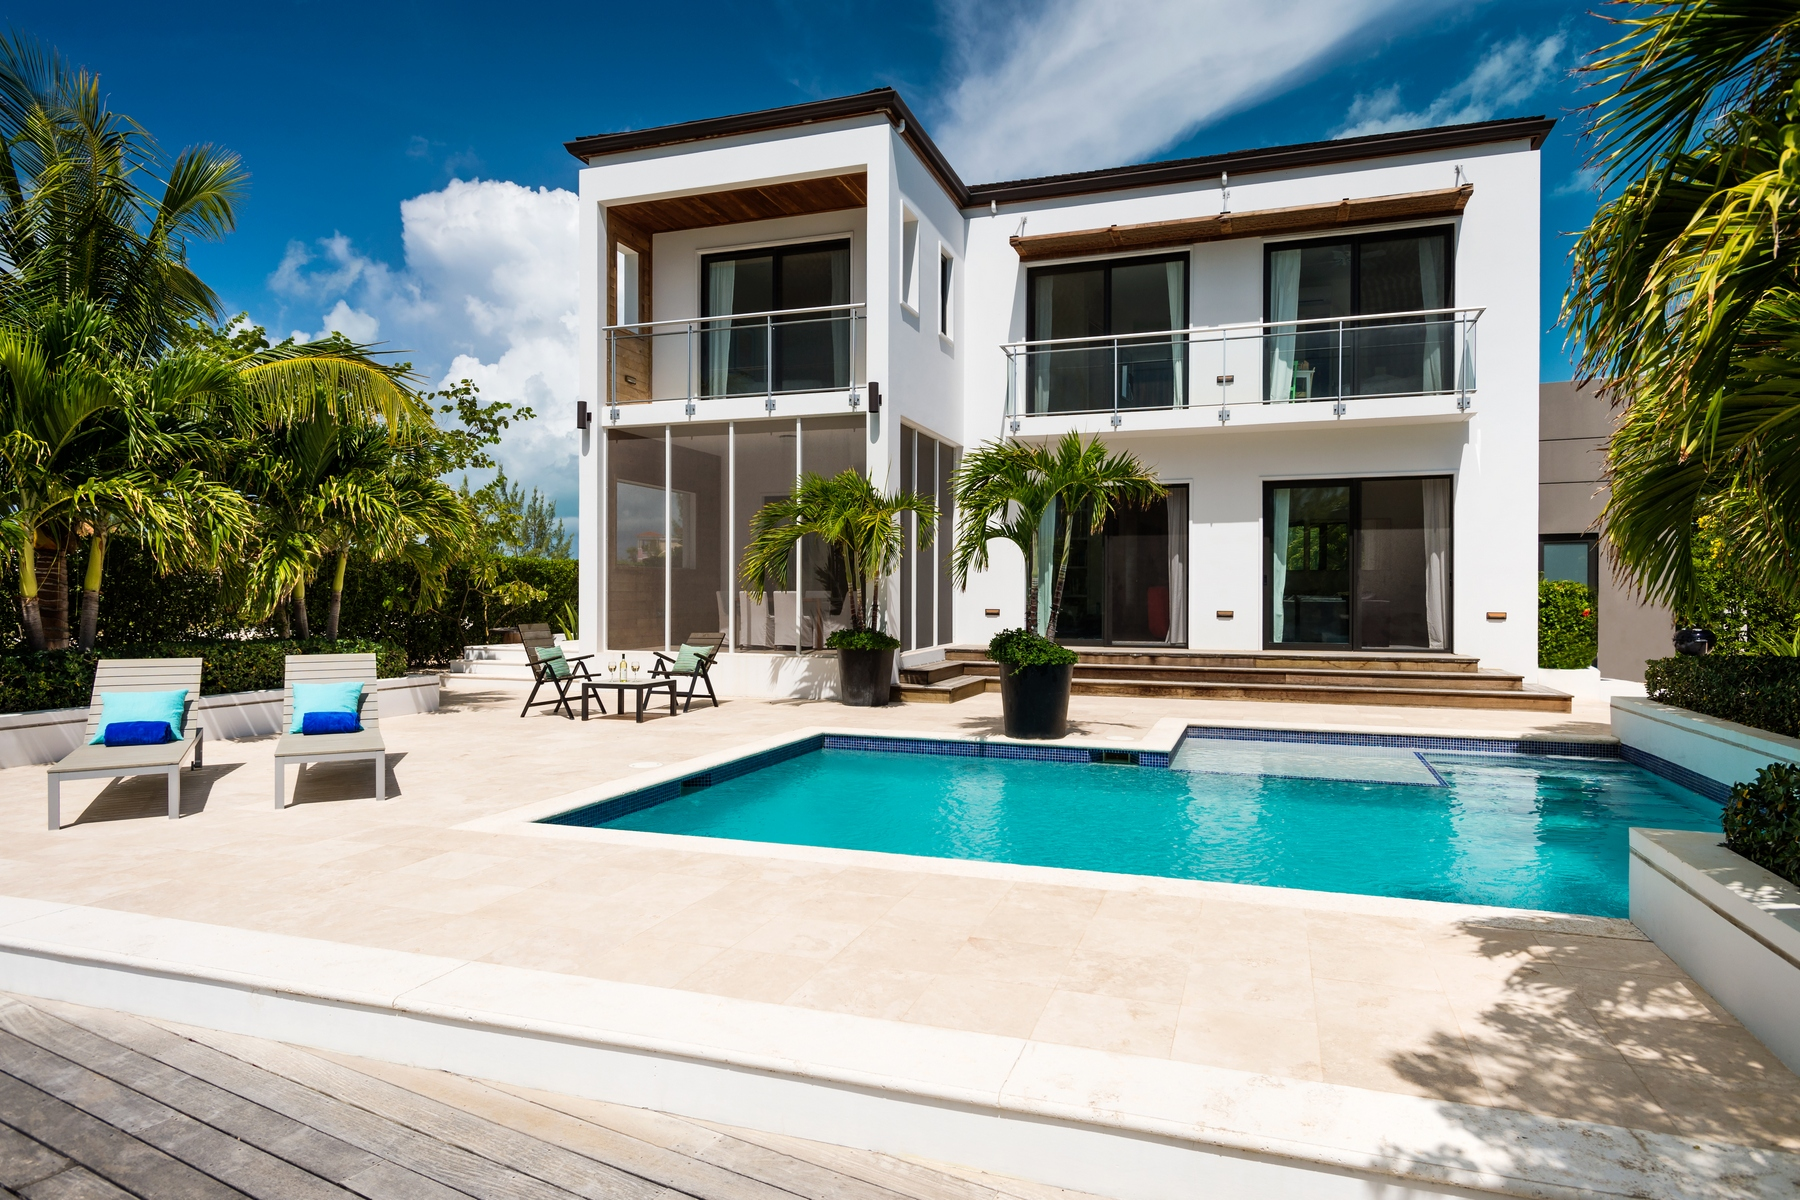 단독 가정 주택 용 매매 에 Contemporary Caribbean Waterfront Villa Leeward, 프로비덴시알레스섬 터크스 케이커스 제도